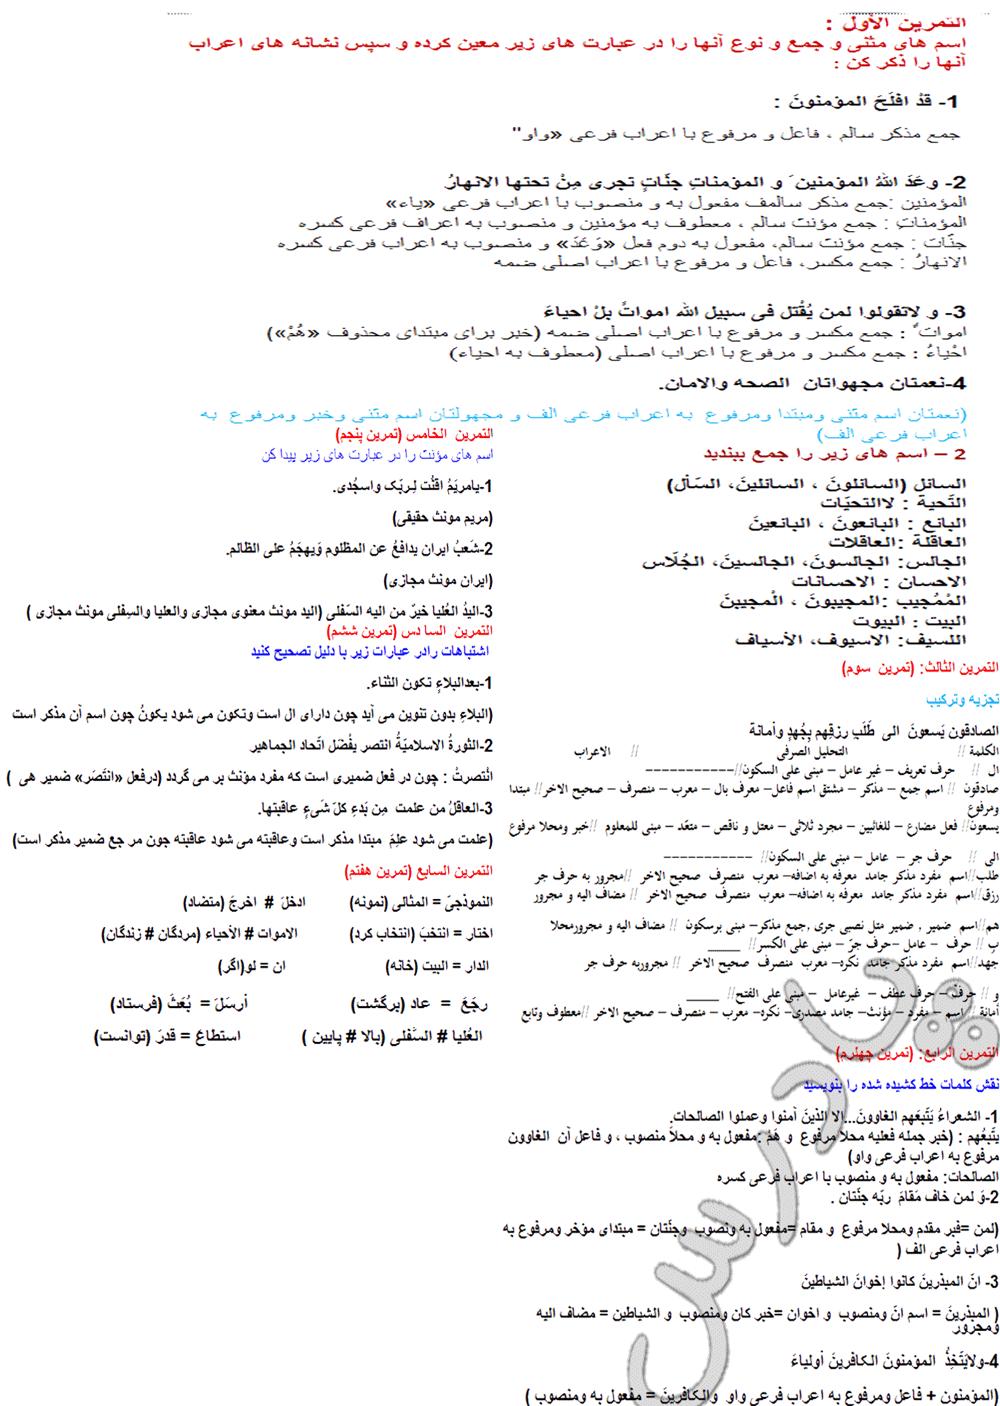 حل تمرینات درس 1 عربی پیش دانشگاهی انسانی